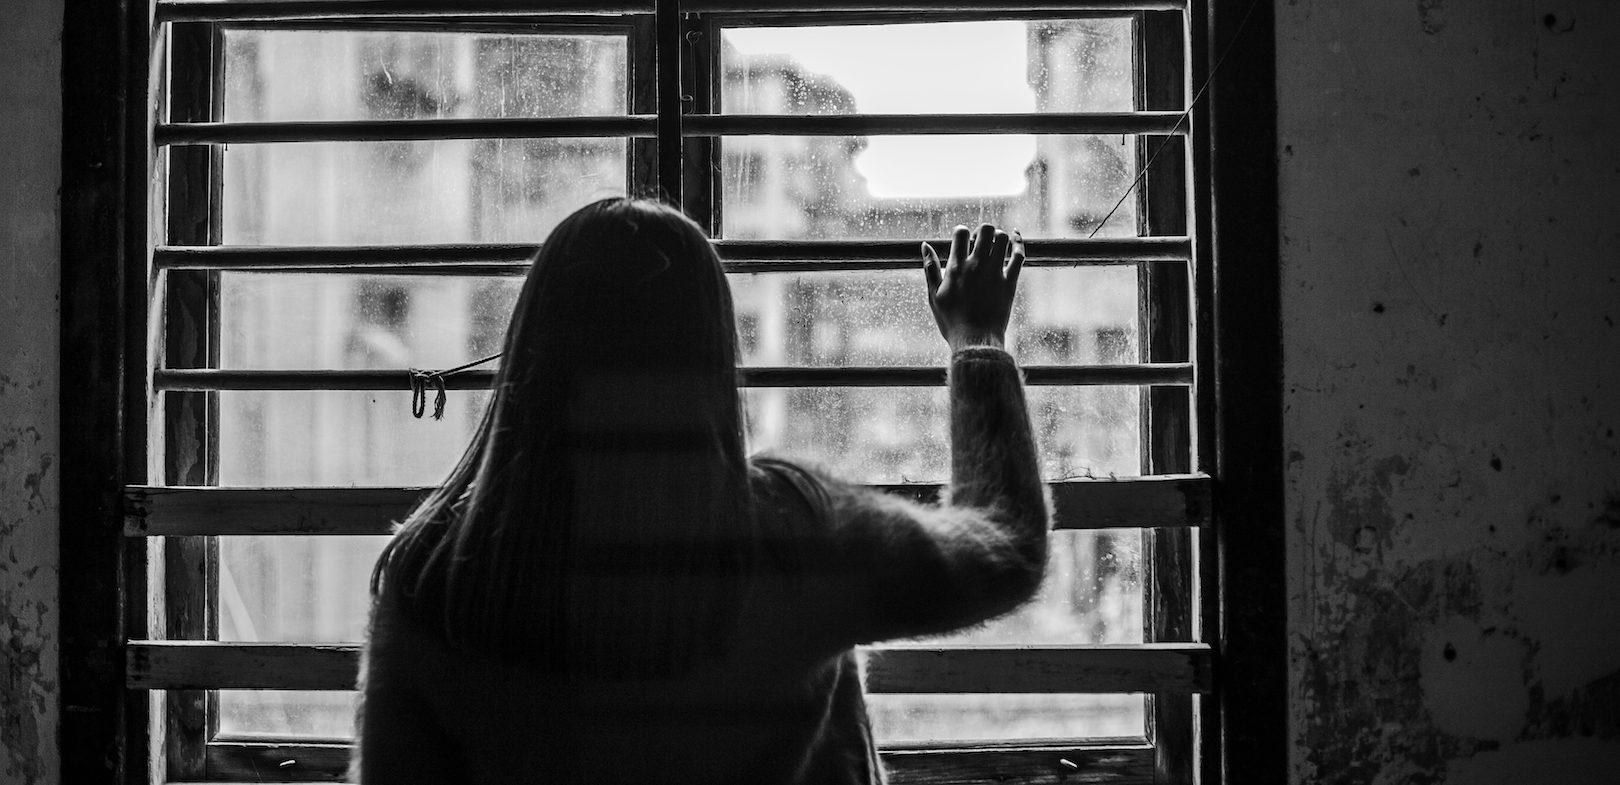 Depresja odbiera chęć do życia. Aby się jej pozbyć, niestety nie wystarczą tabletki. Konieczna jest psychoterapia.